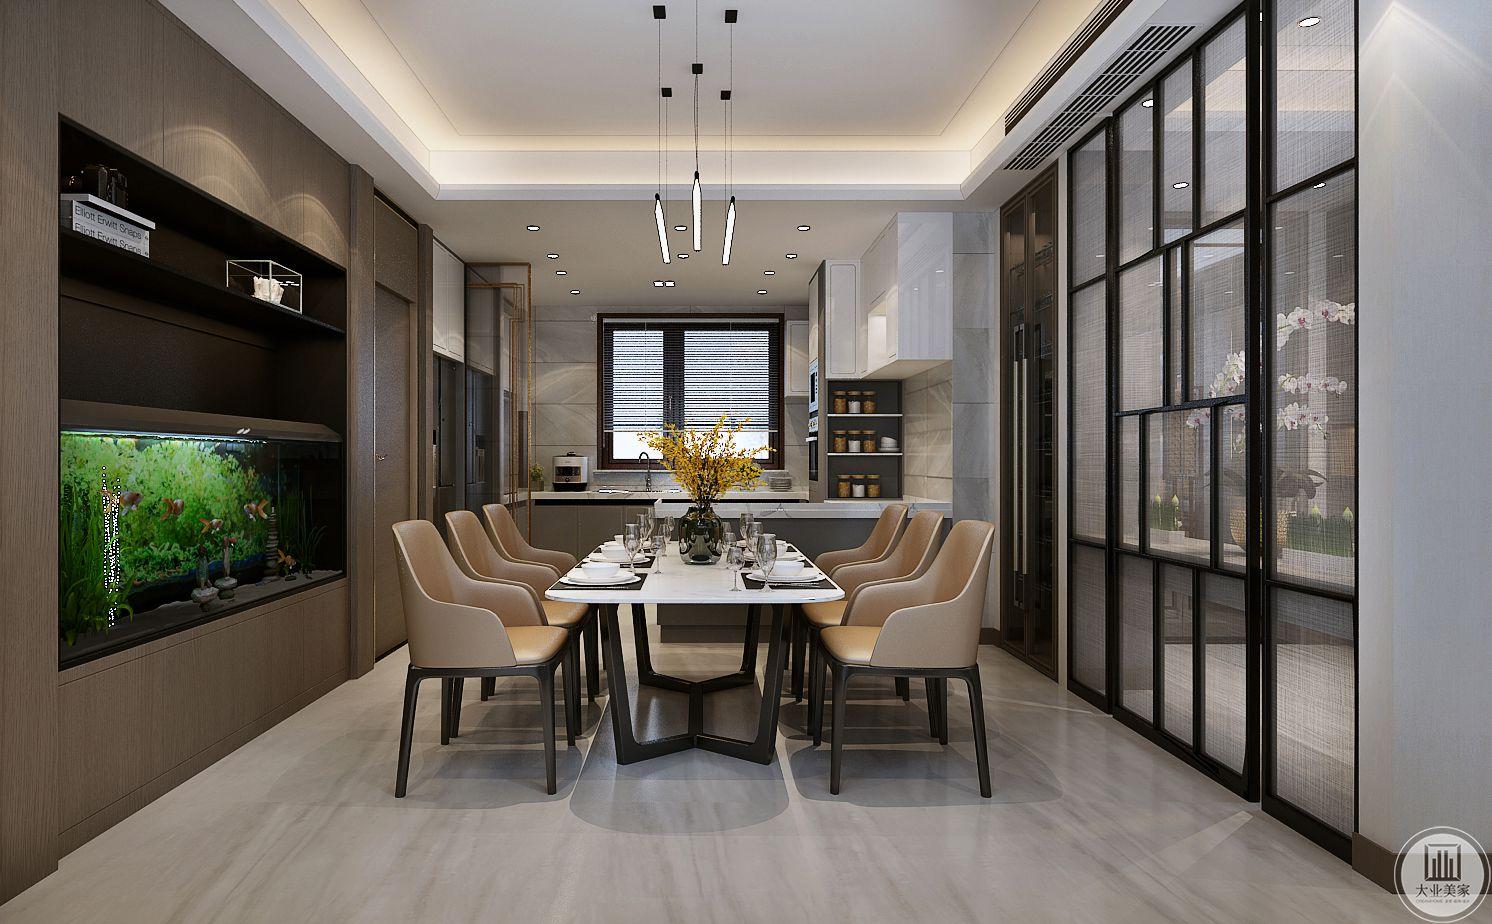 餐桌餐椅采用现代风格的样式,厨房门采用黑框玻璃门。